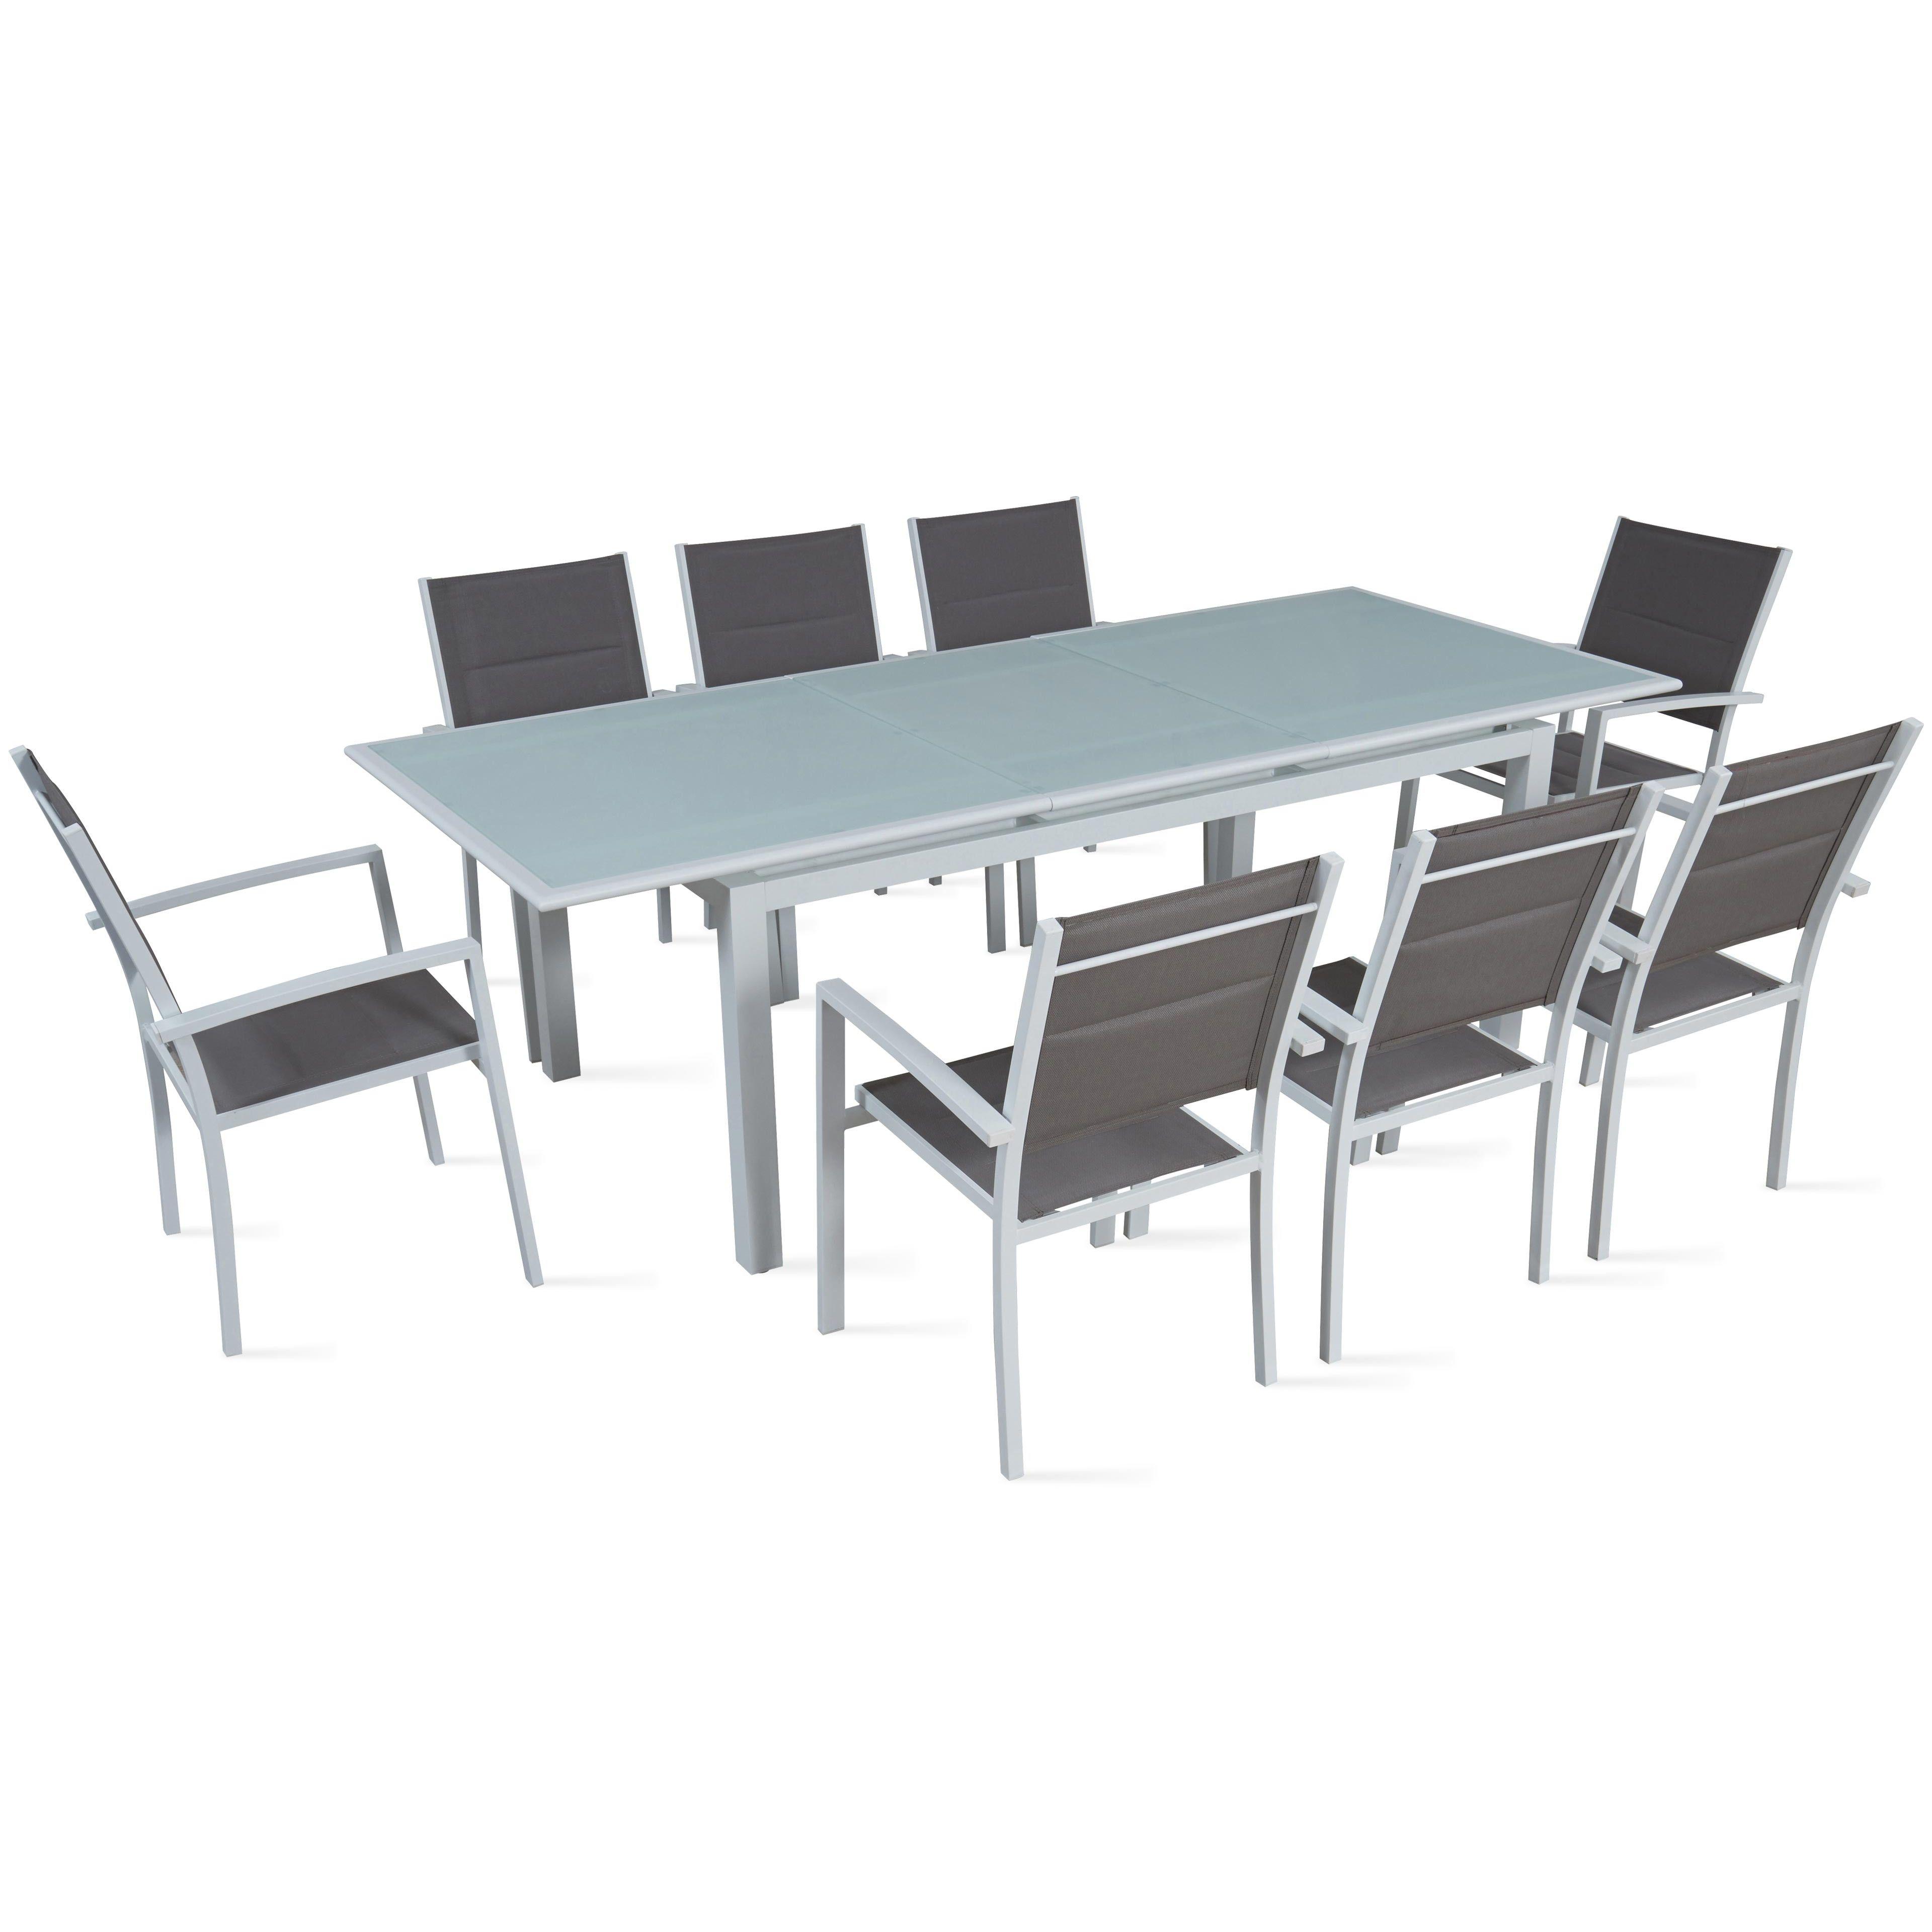 Table de jardin à rallonge 8 places | Oviala